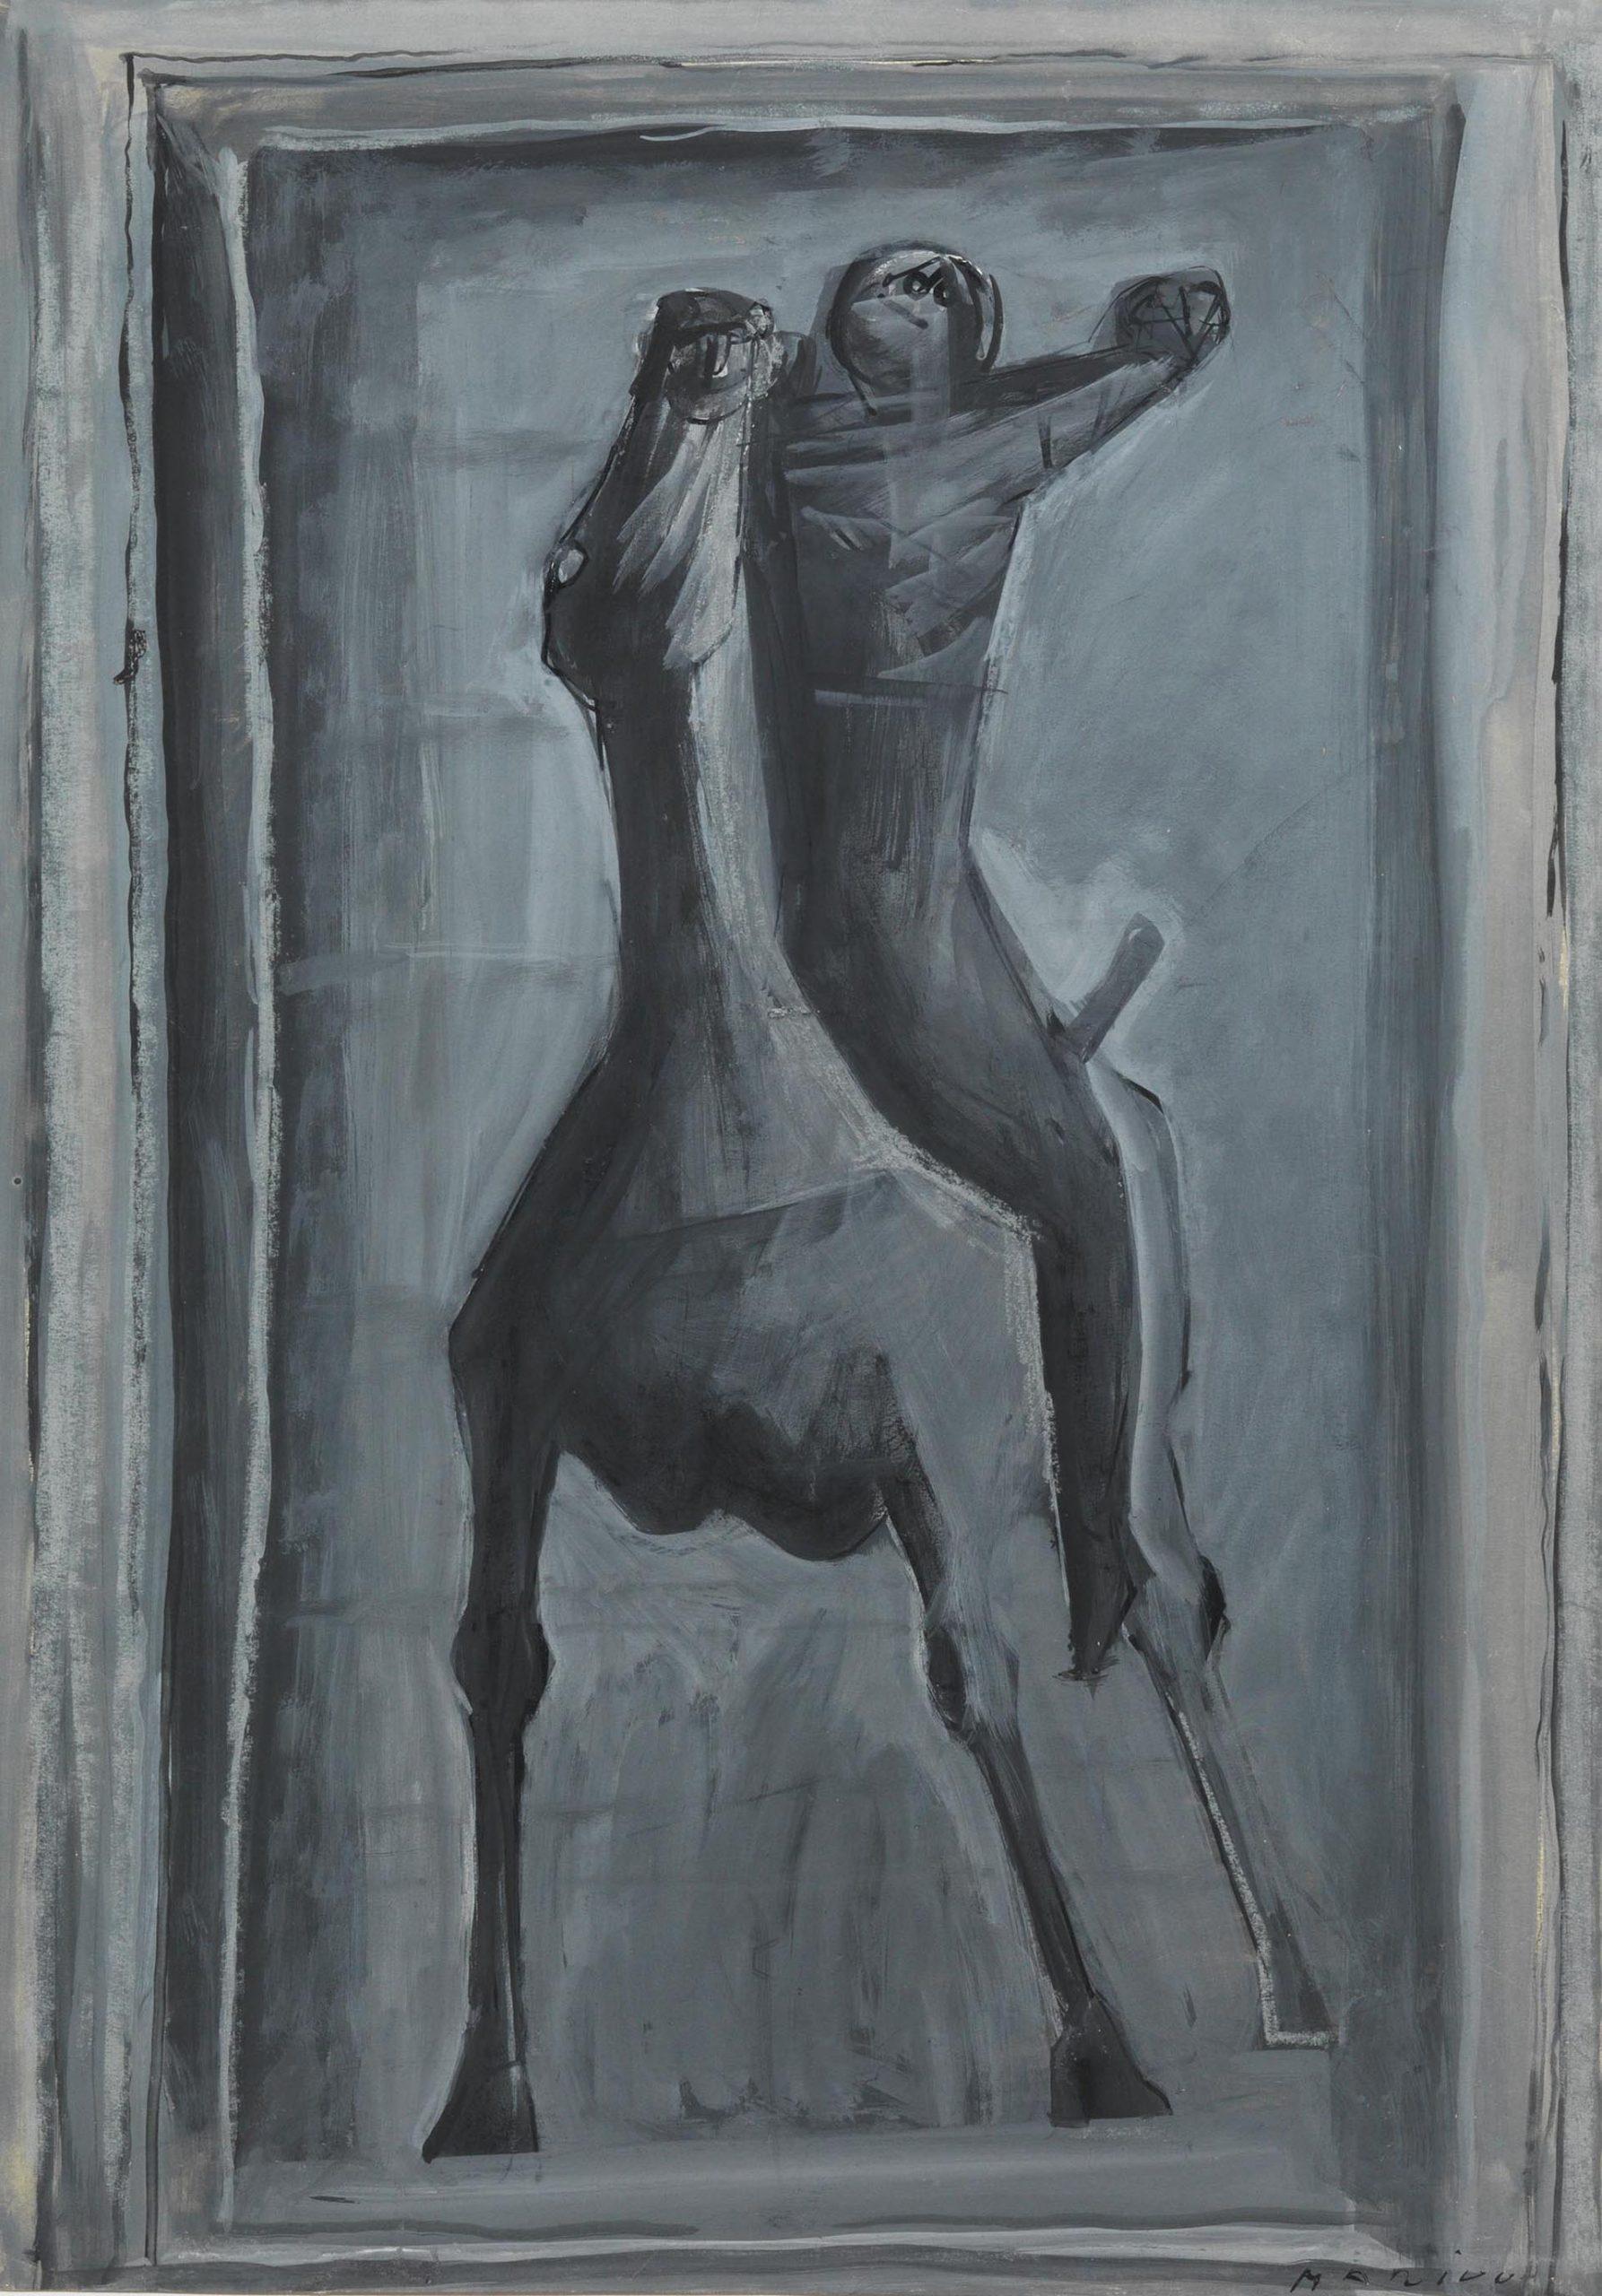 Marini, Cavaliere, 1947, 61.4x42.3 cm